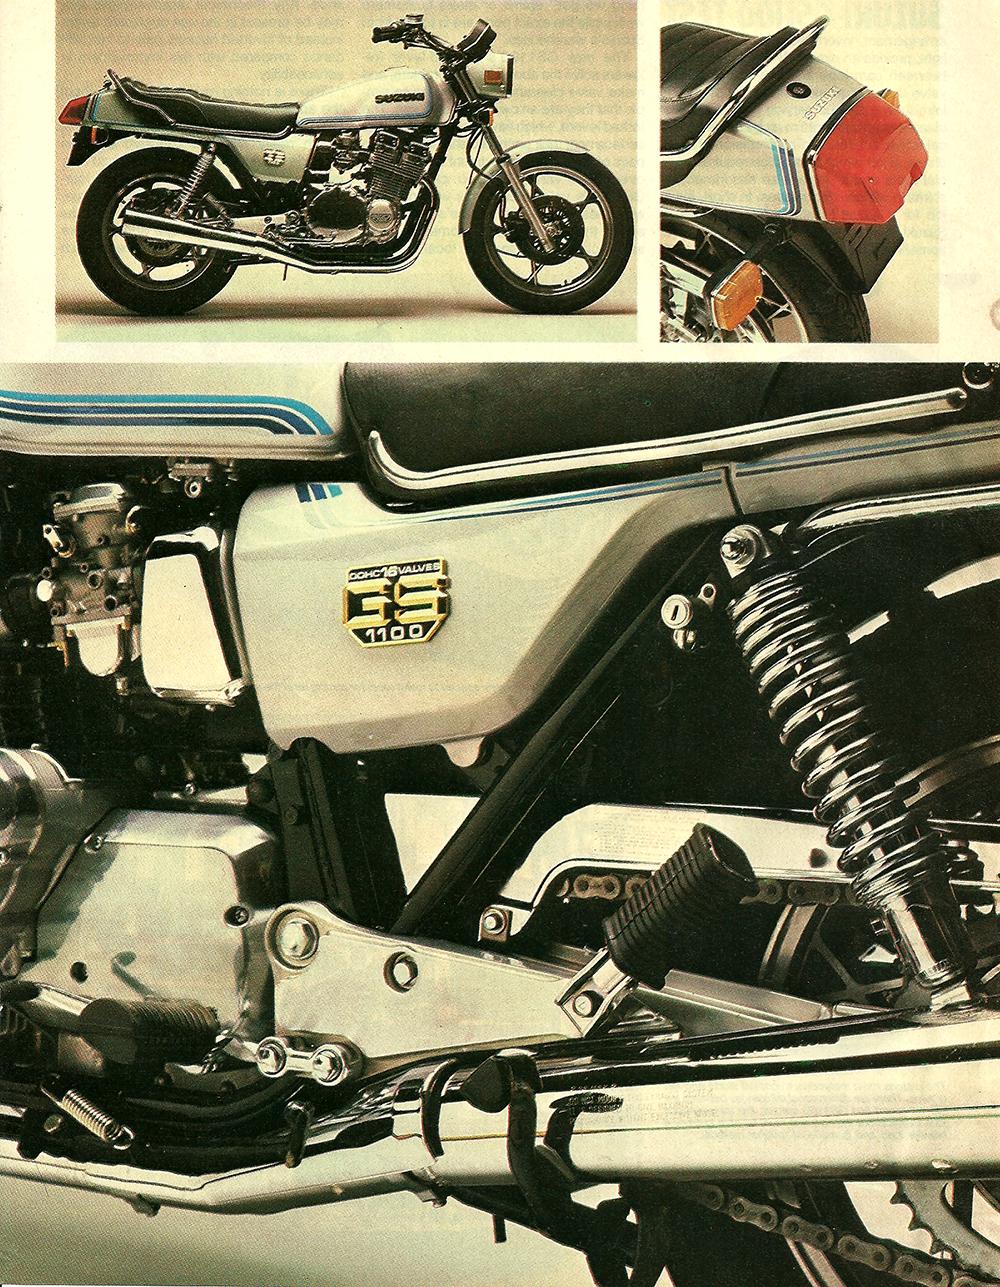 1980 Suzuki GS1100 ET road test 04.jpg